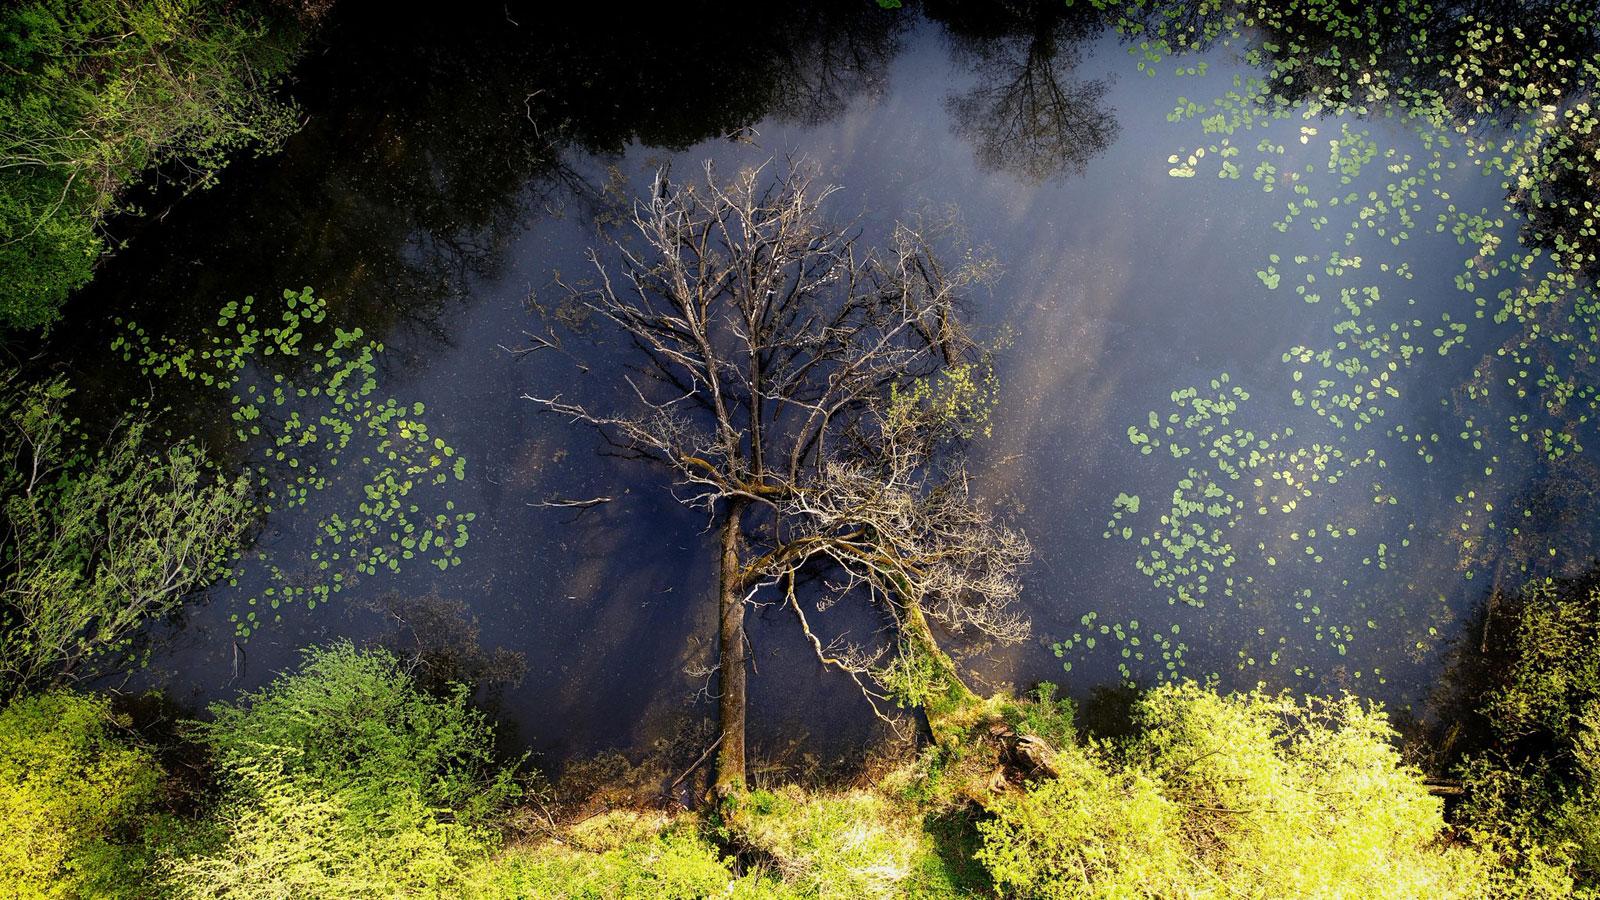 Падшая природа, © Радослав Зубрицкий, Природа, Фотоконкурс CEWE